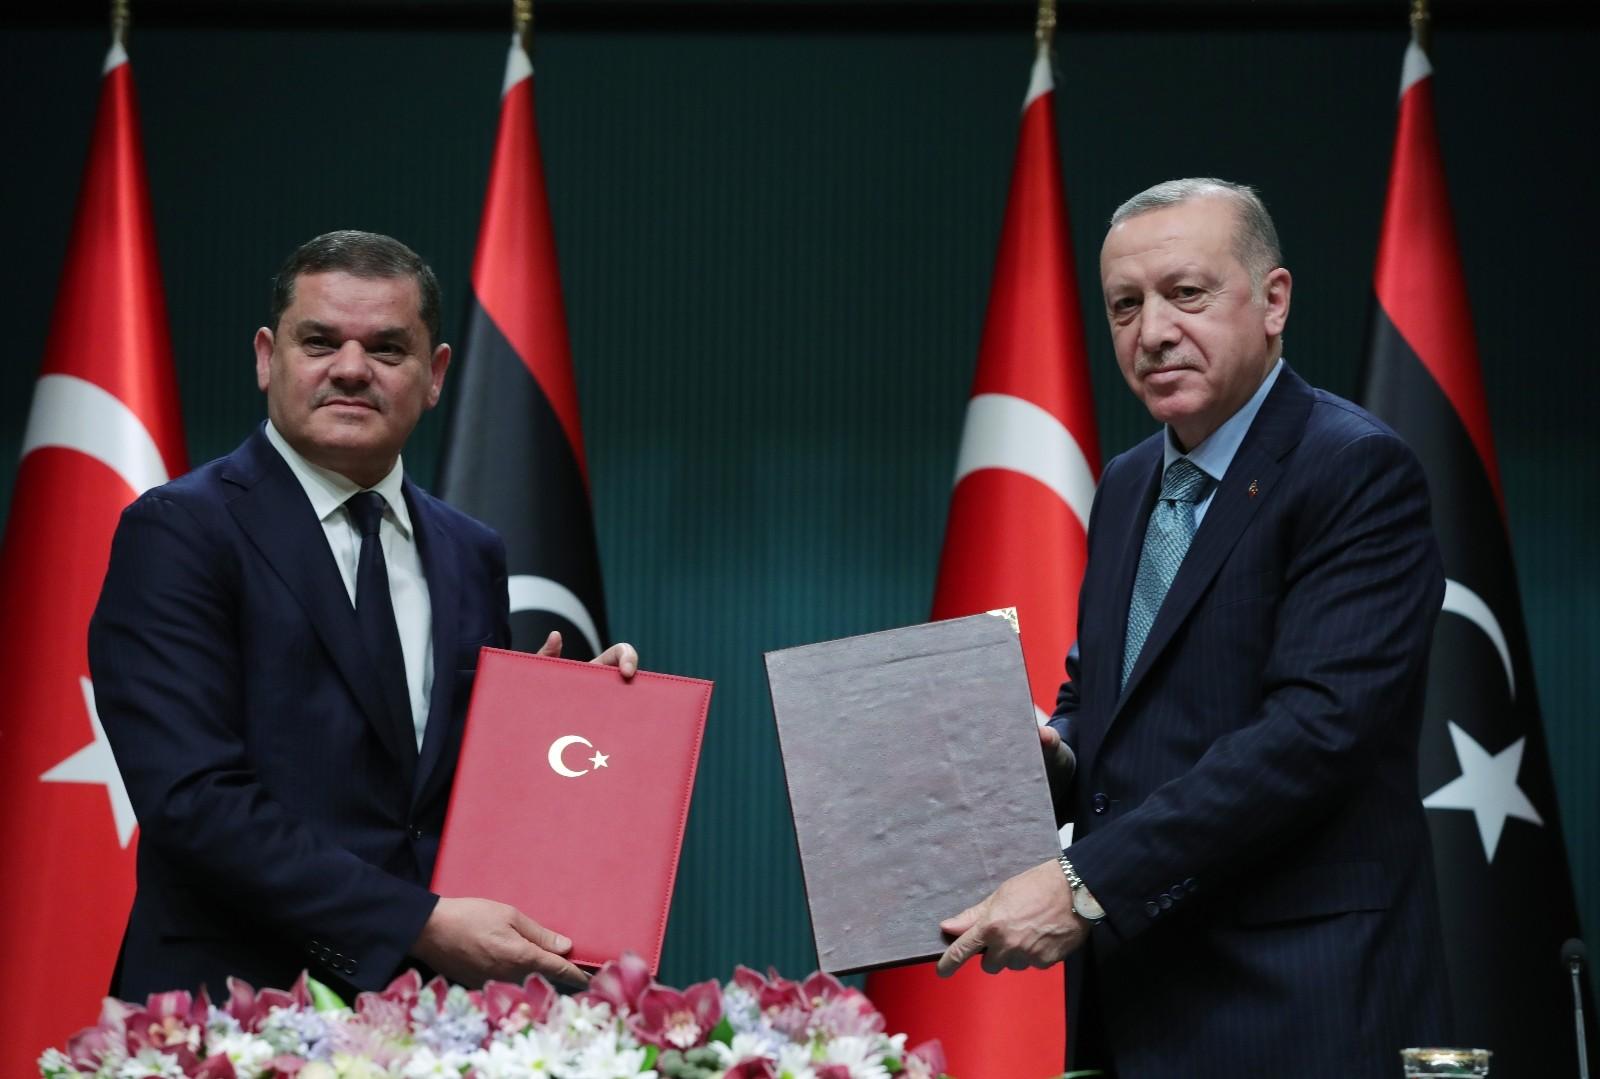 """Cumhurbaşkanı Erdoğan: """"Libya'da hak, adalet ve meşruiyet yerine darbenin ve darbecilerin yanında saf tutanlar bu katliamlara ortak olmuşlardır"""""""